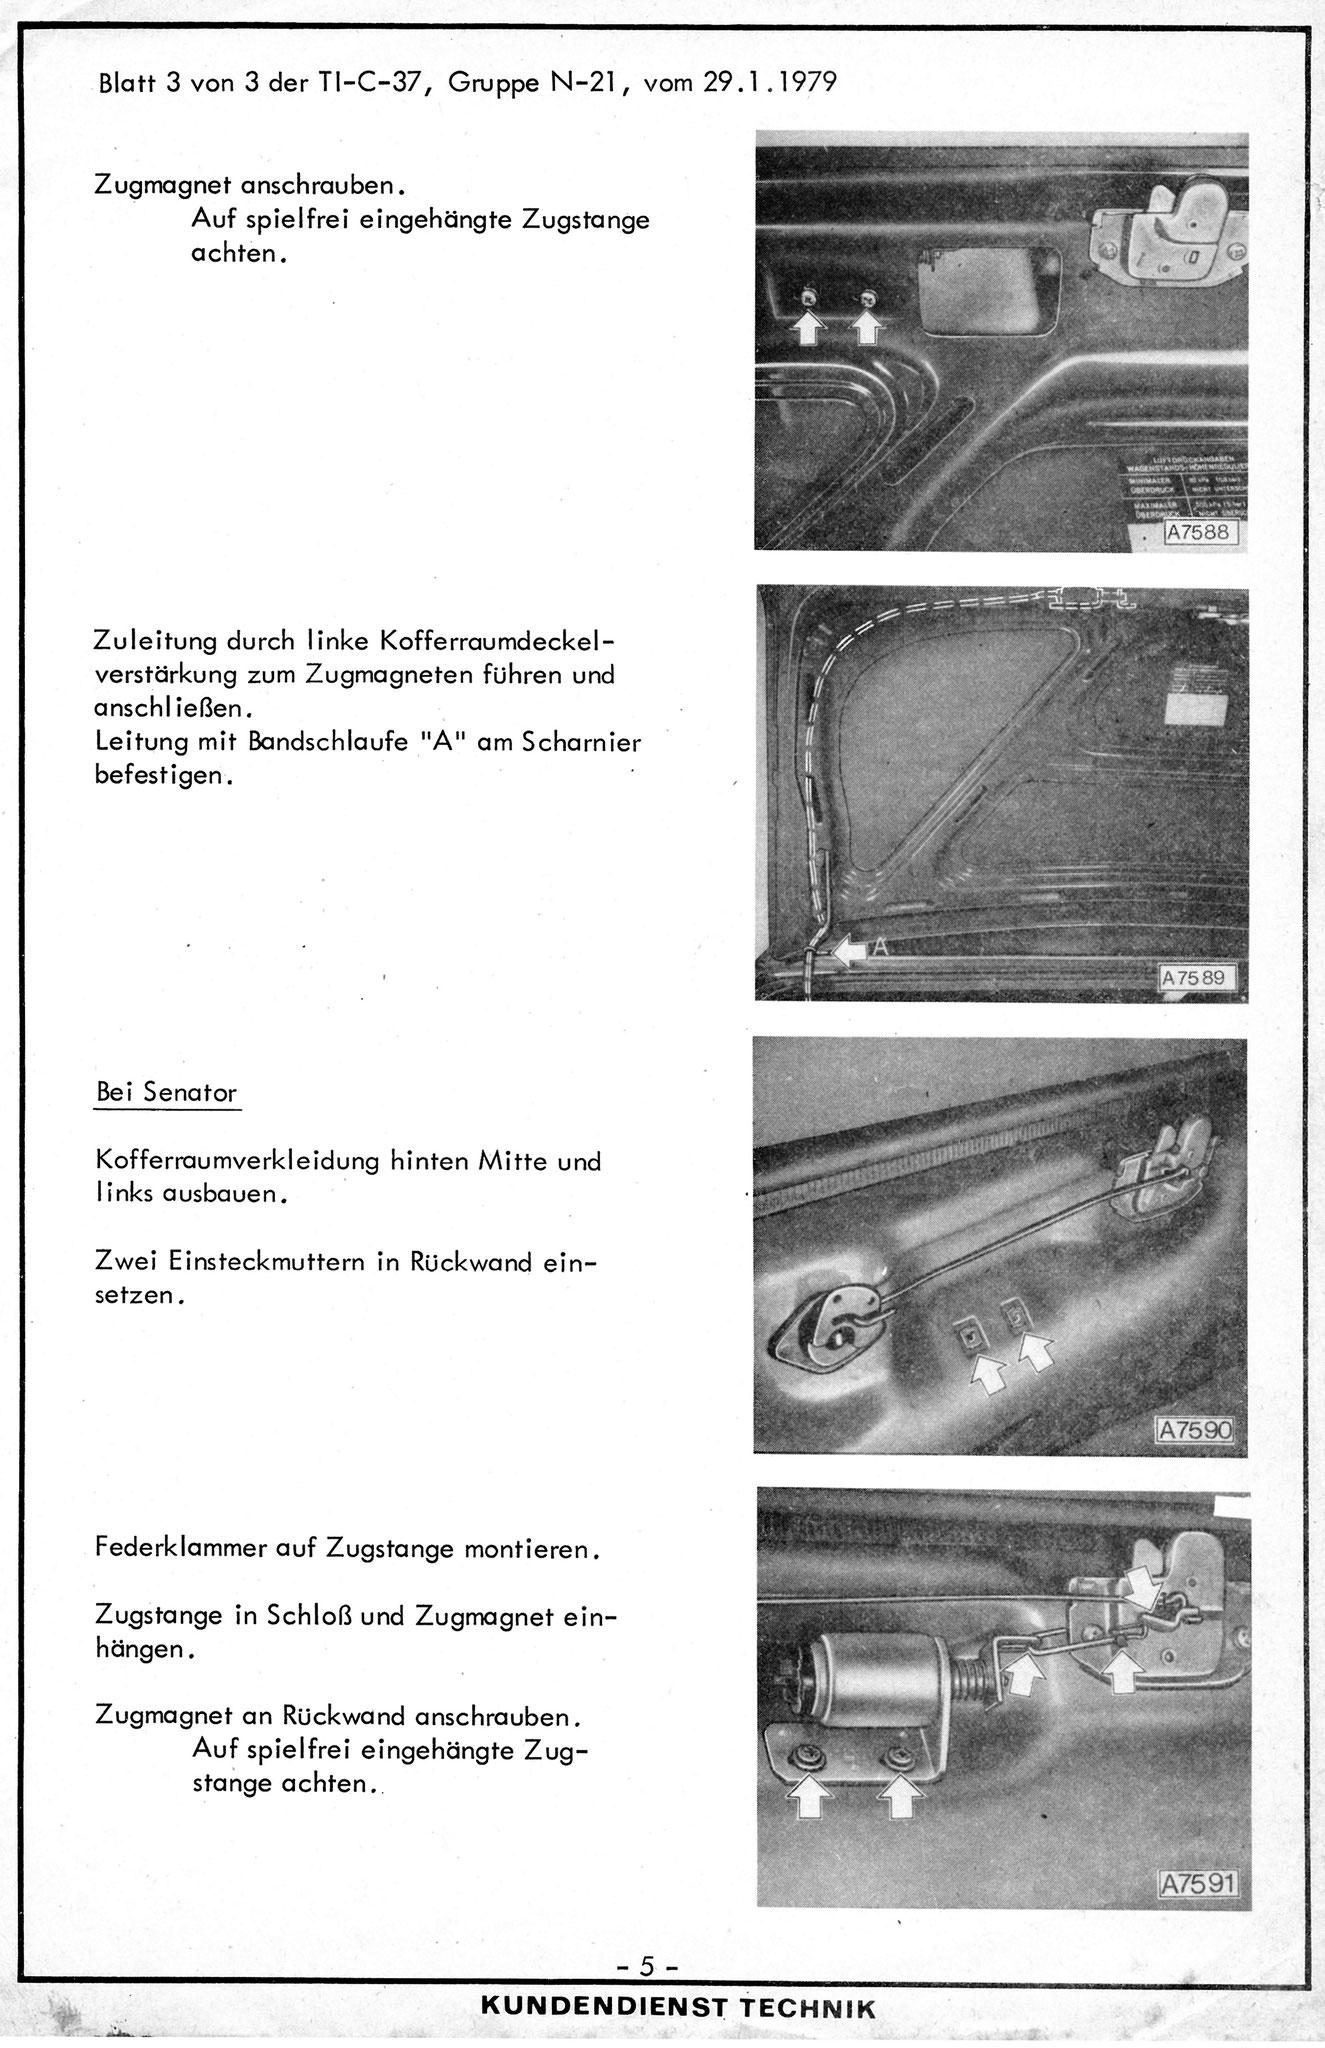 Gemütlich 89 Chevy Lkw Schaltplan Zeitgenössisch - Der Schaltplan ...